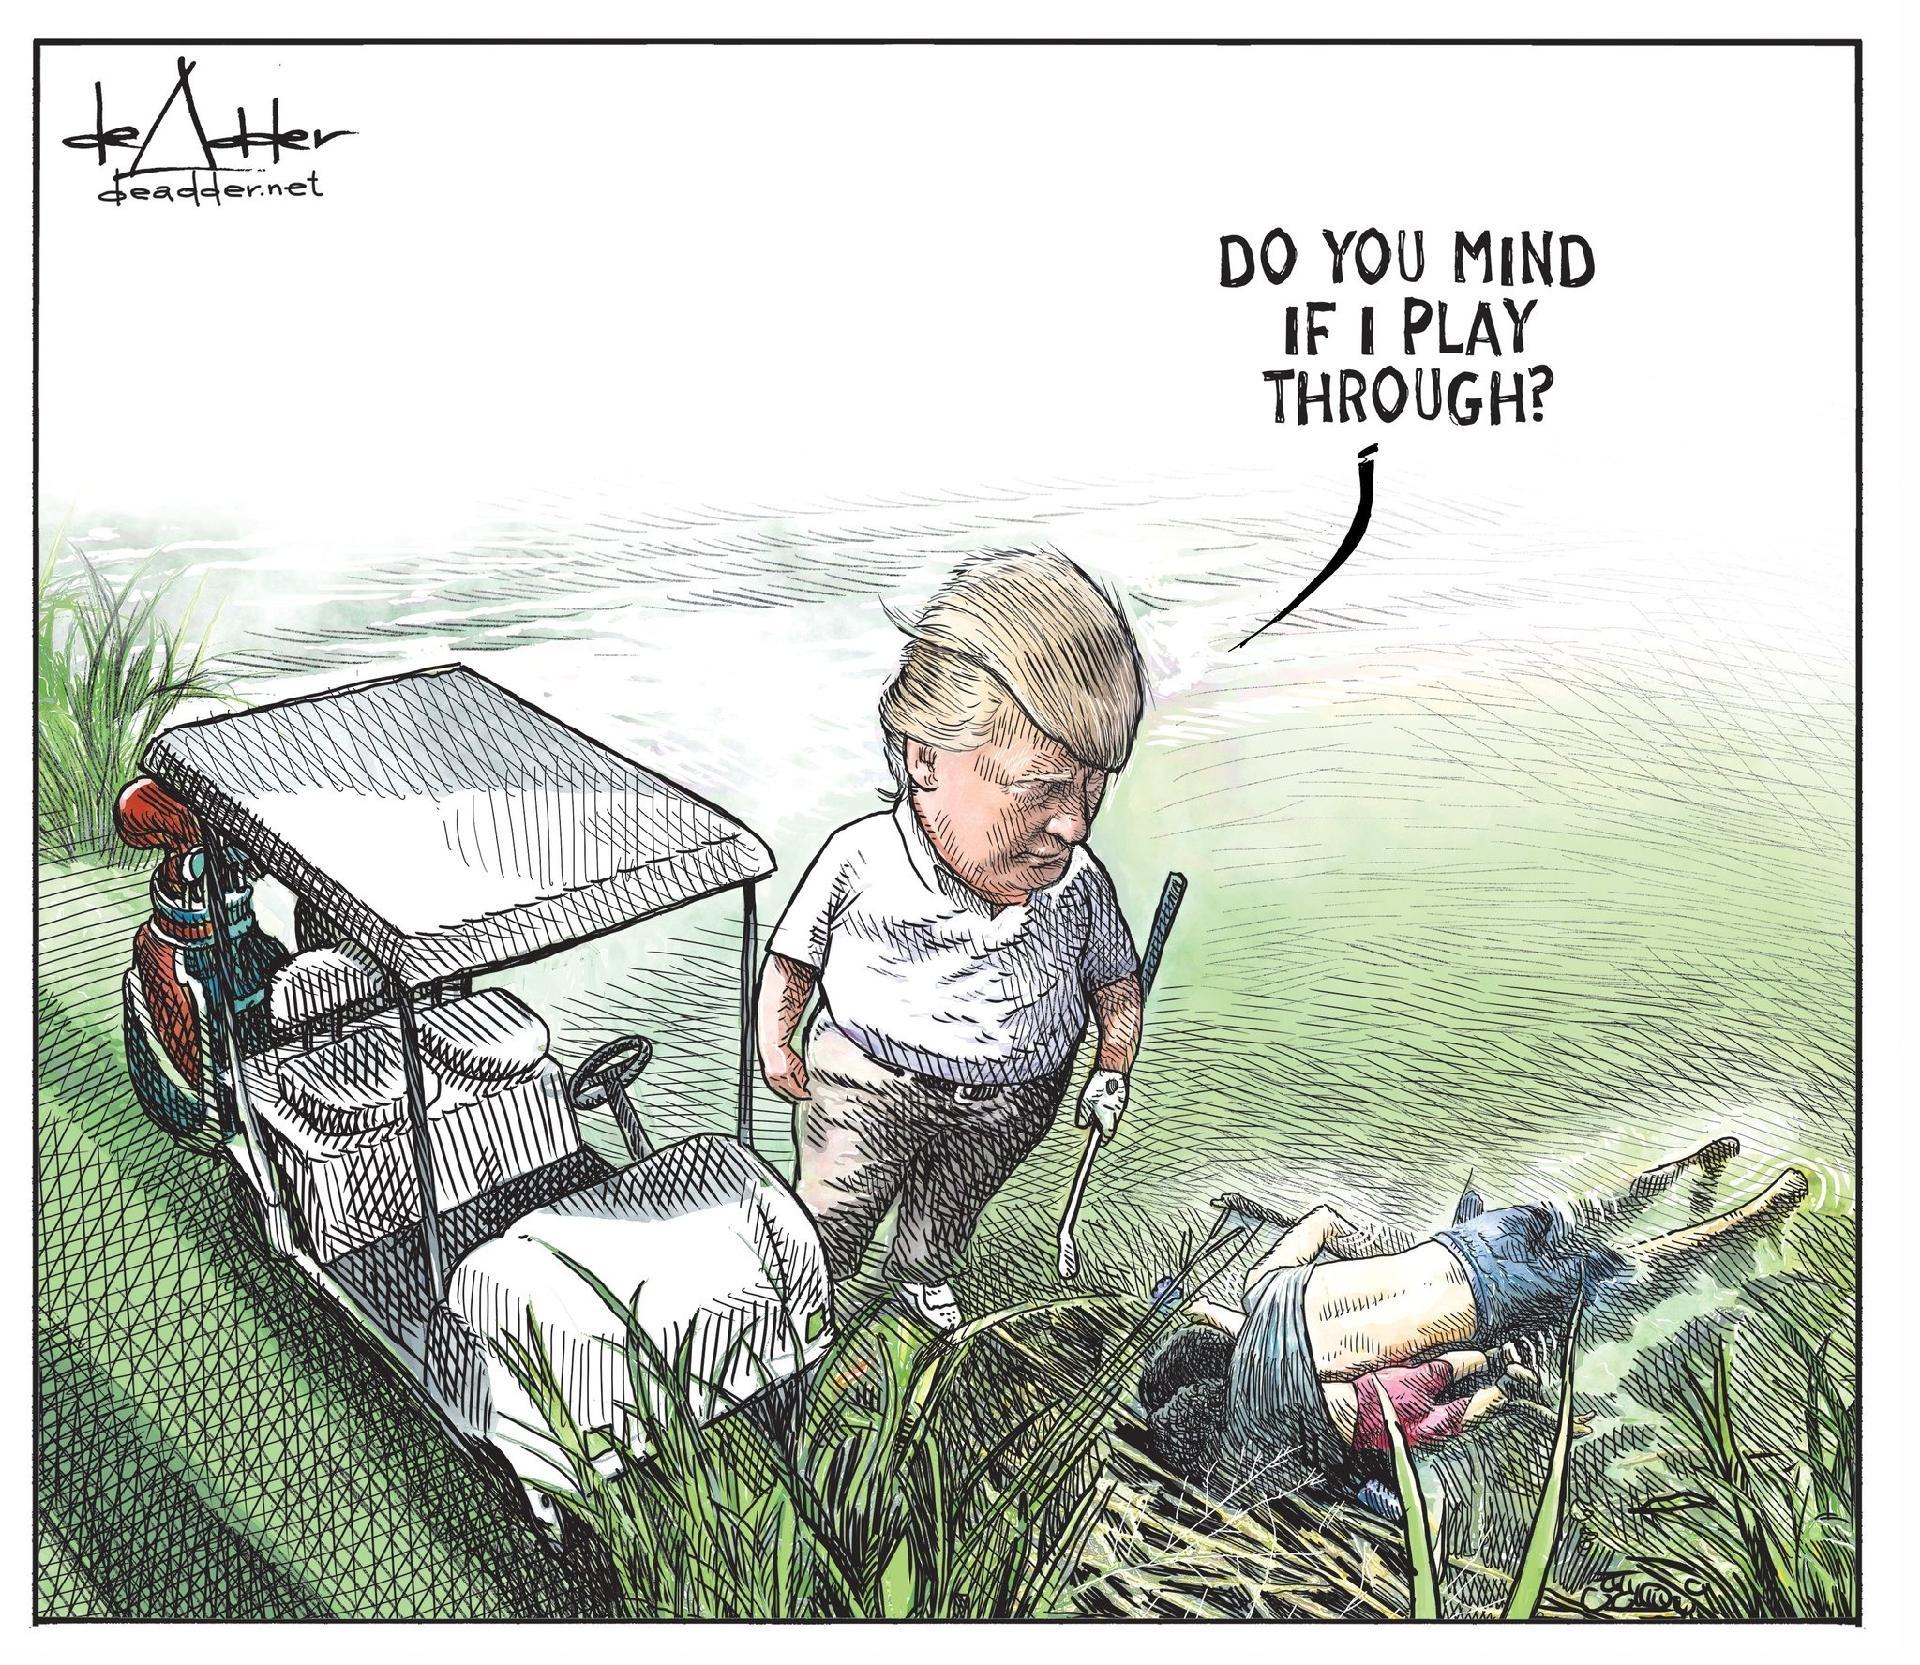 Cartunista E Demitido Apos Publicar Desenho De Trump Com